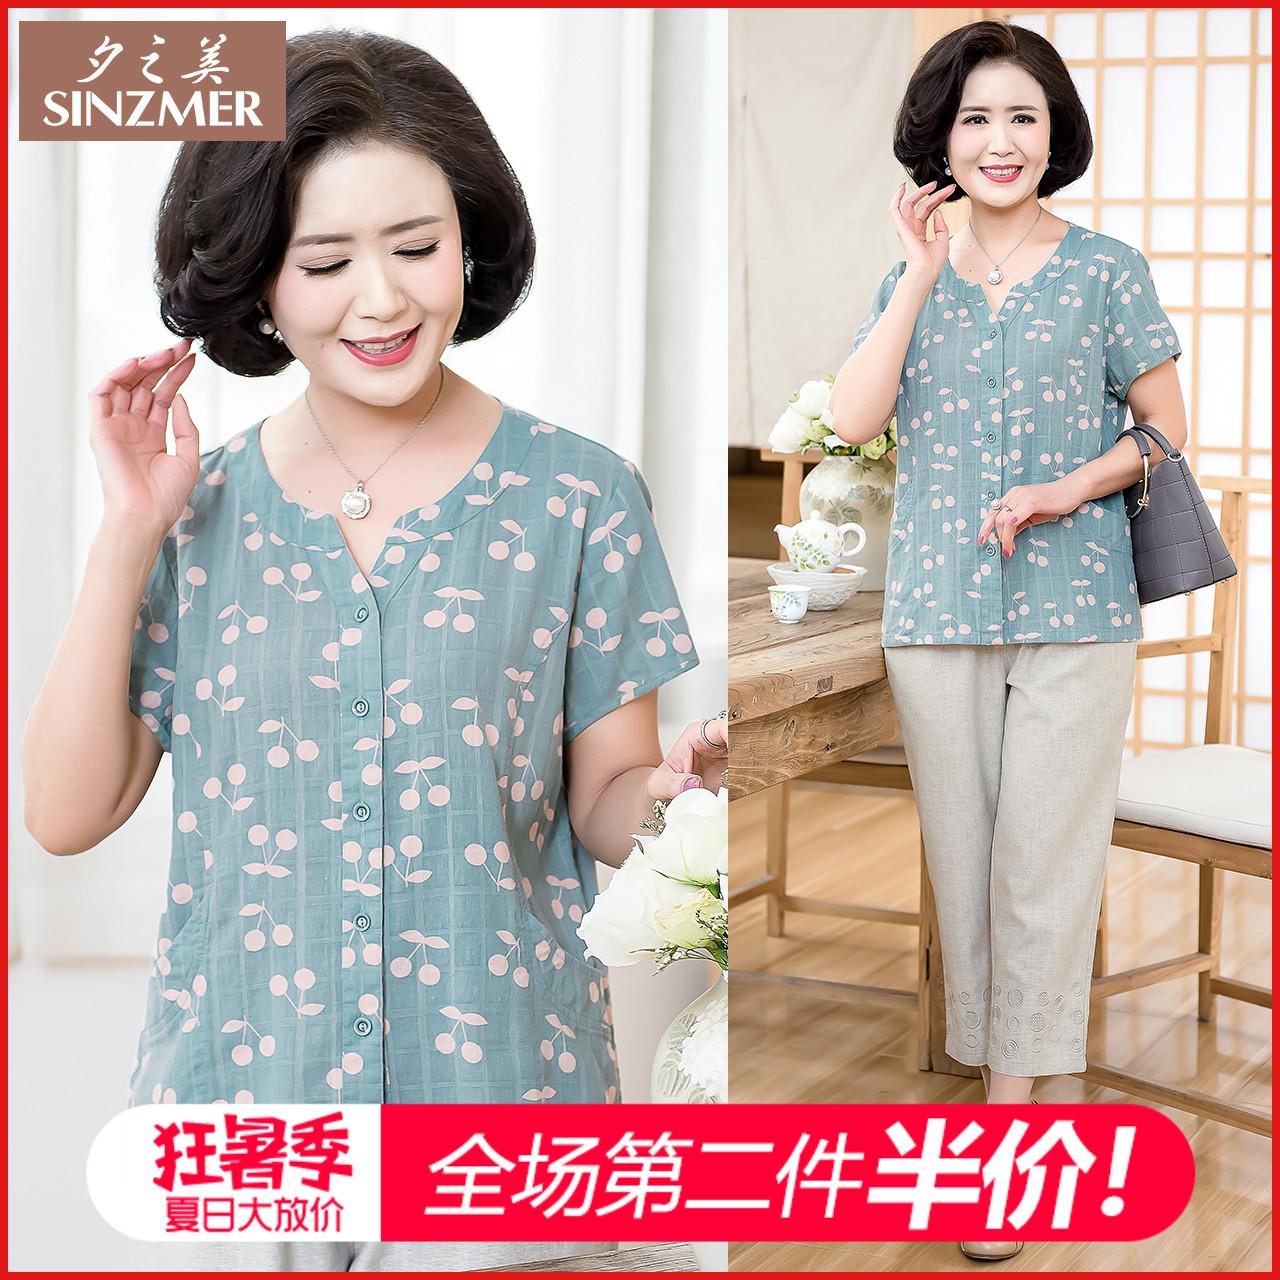 中老年女装夏季套装妈妈装T恤纯棉麻短袖衬衫亚麻裤奶奶老人衣服